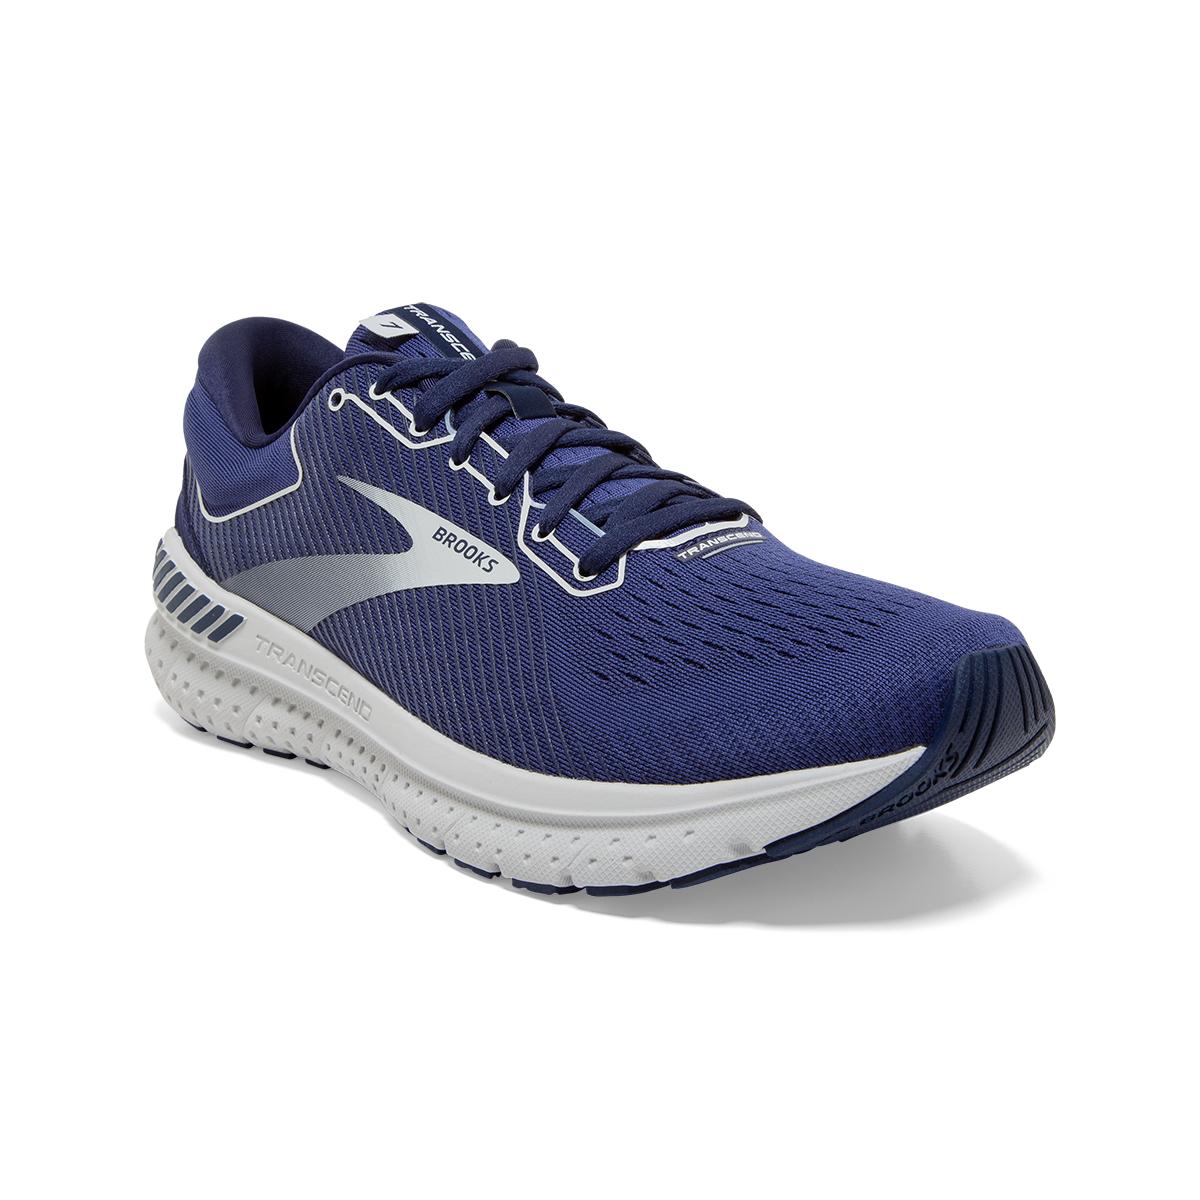 Men's Brooks Transcend 7 Running Shoe - Color: Deep Cobalt/Grey - Size: 7 - Width: Regular, Deep Cobalt/Grey, large, image 6